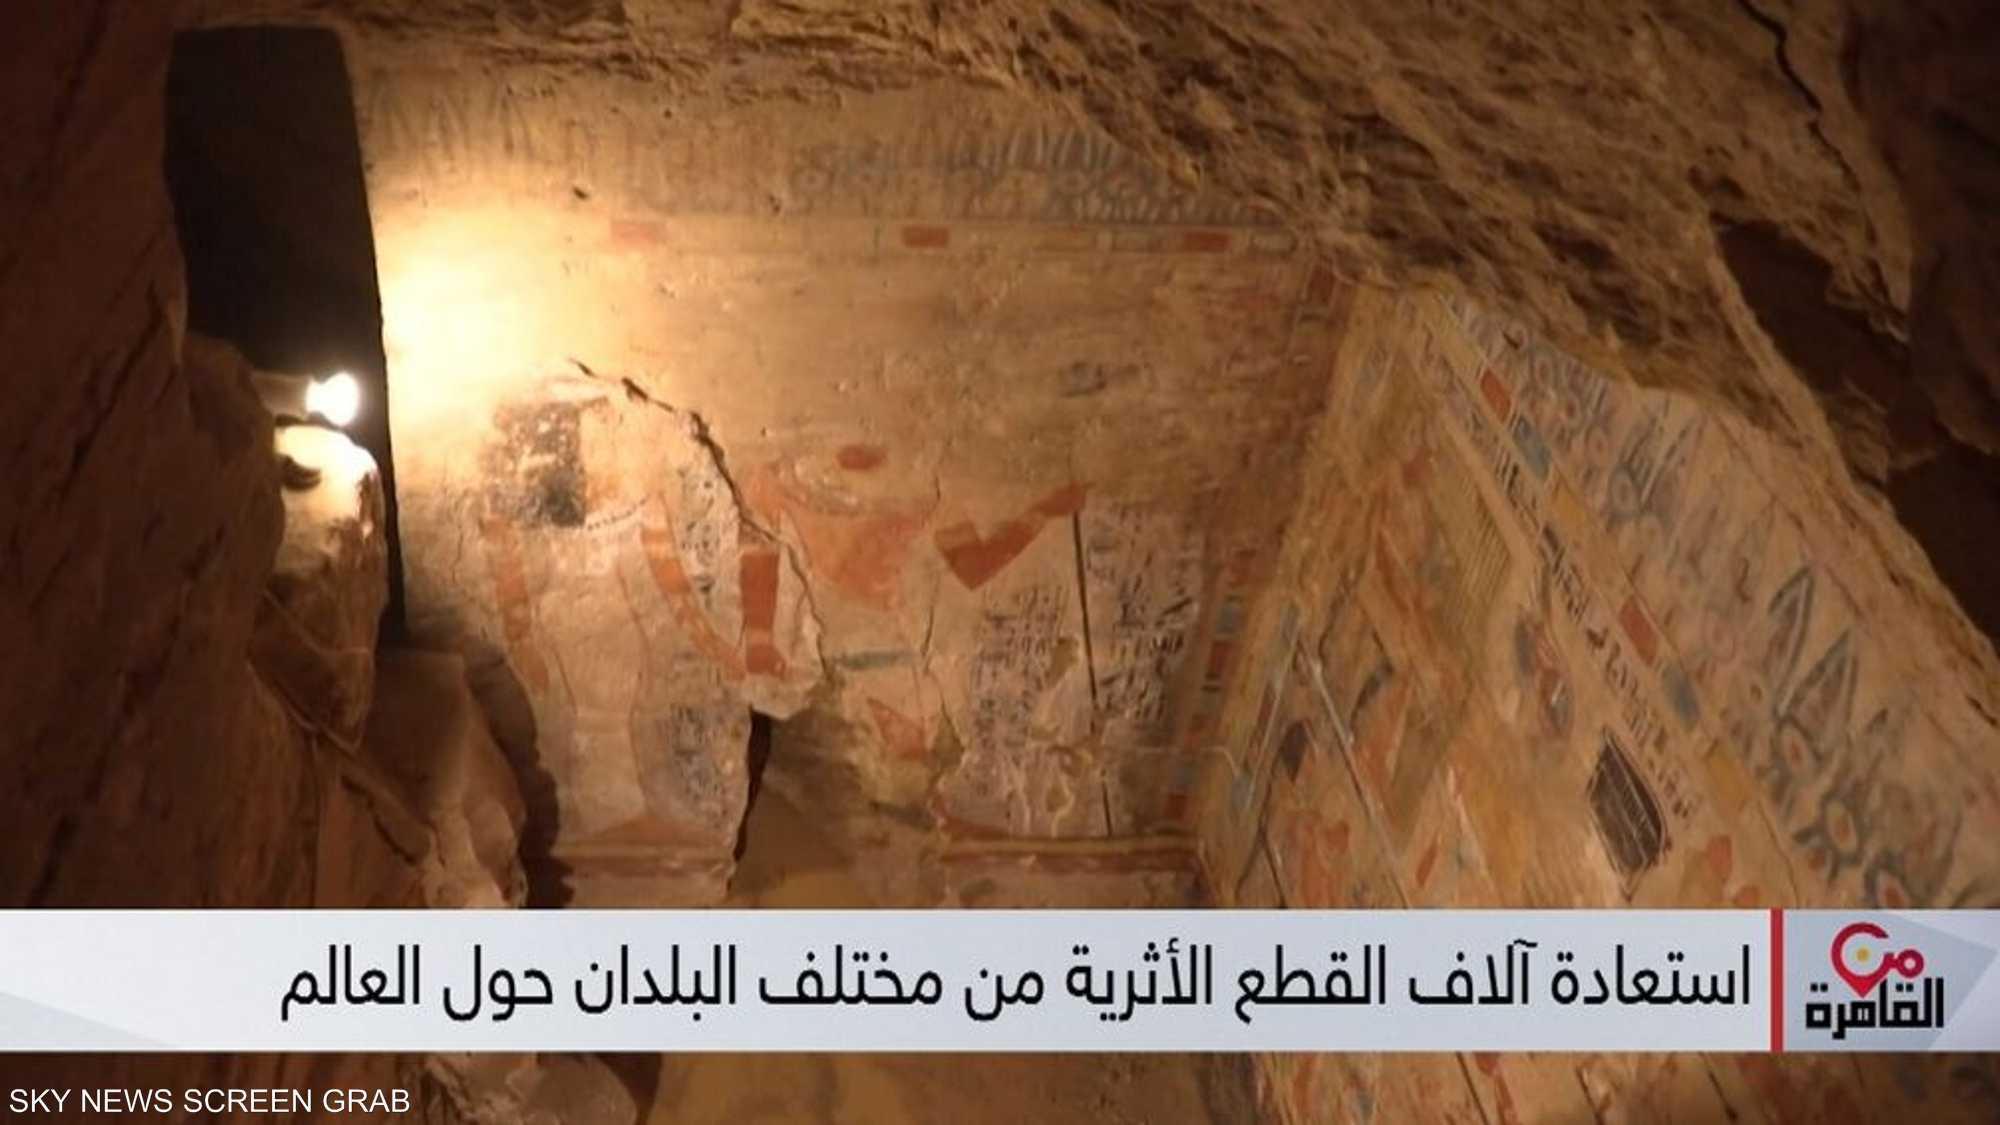 مصر تواصل حملتها لاستعادة آثارها المهربة